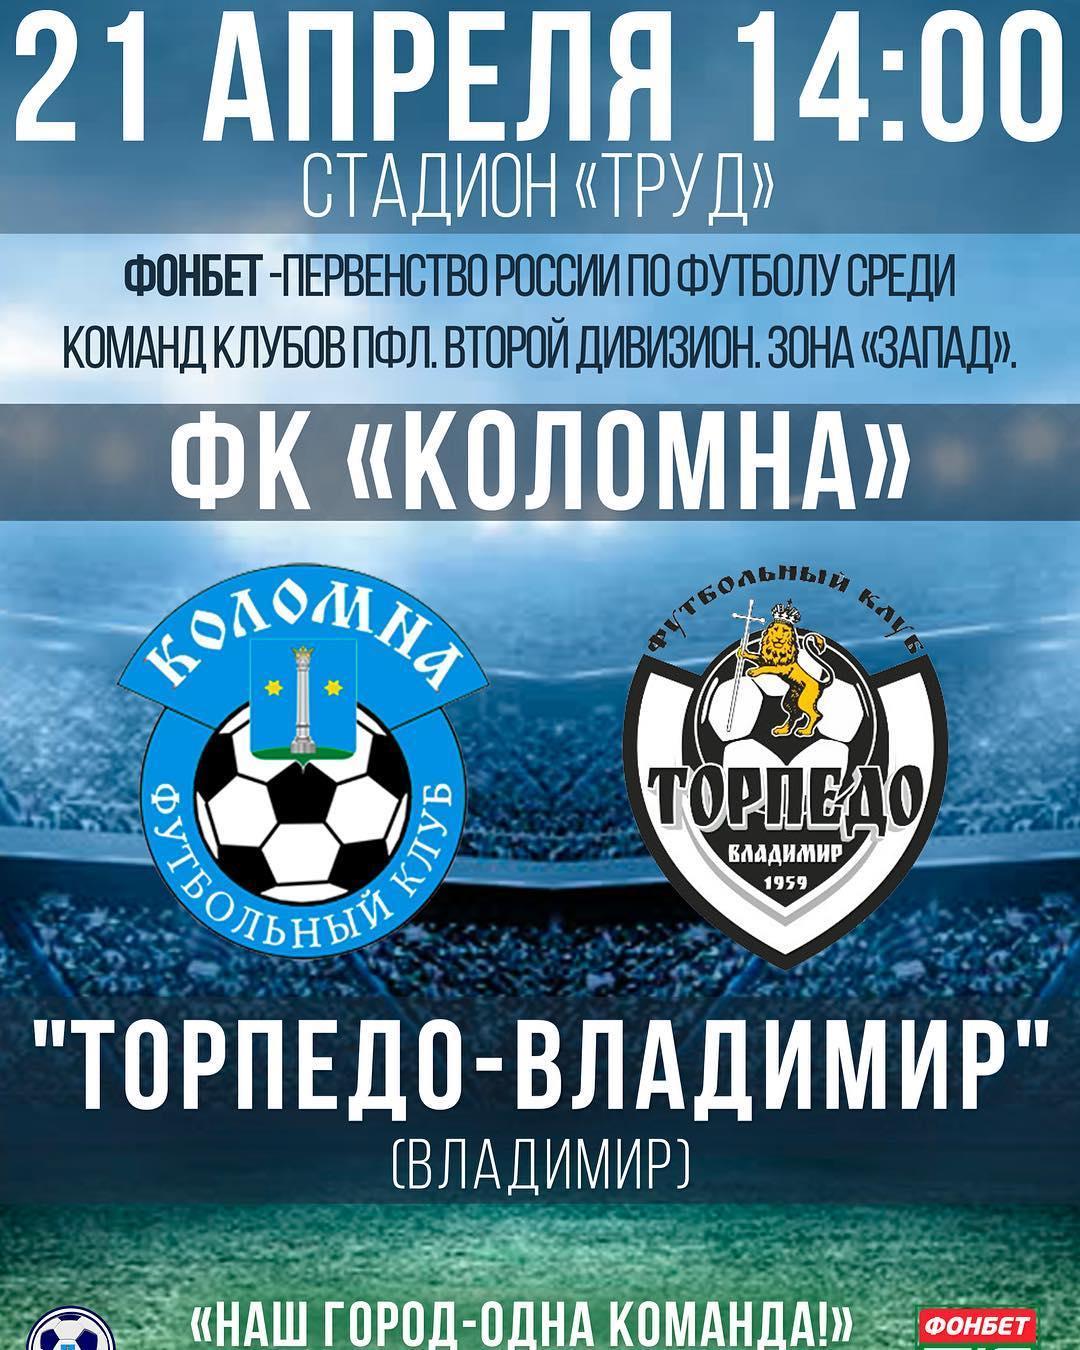 Футбольный клуб «Коломна» принимает гостей из Владимира